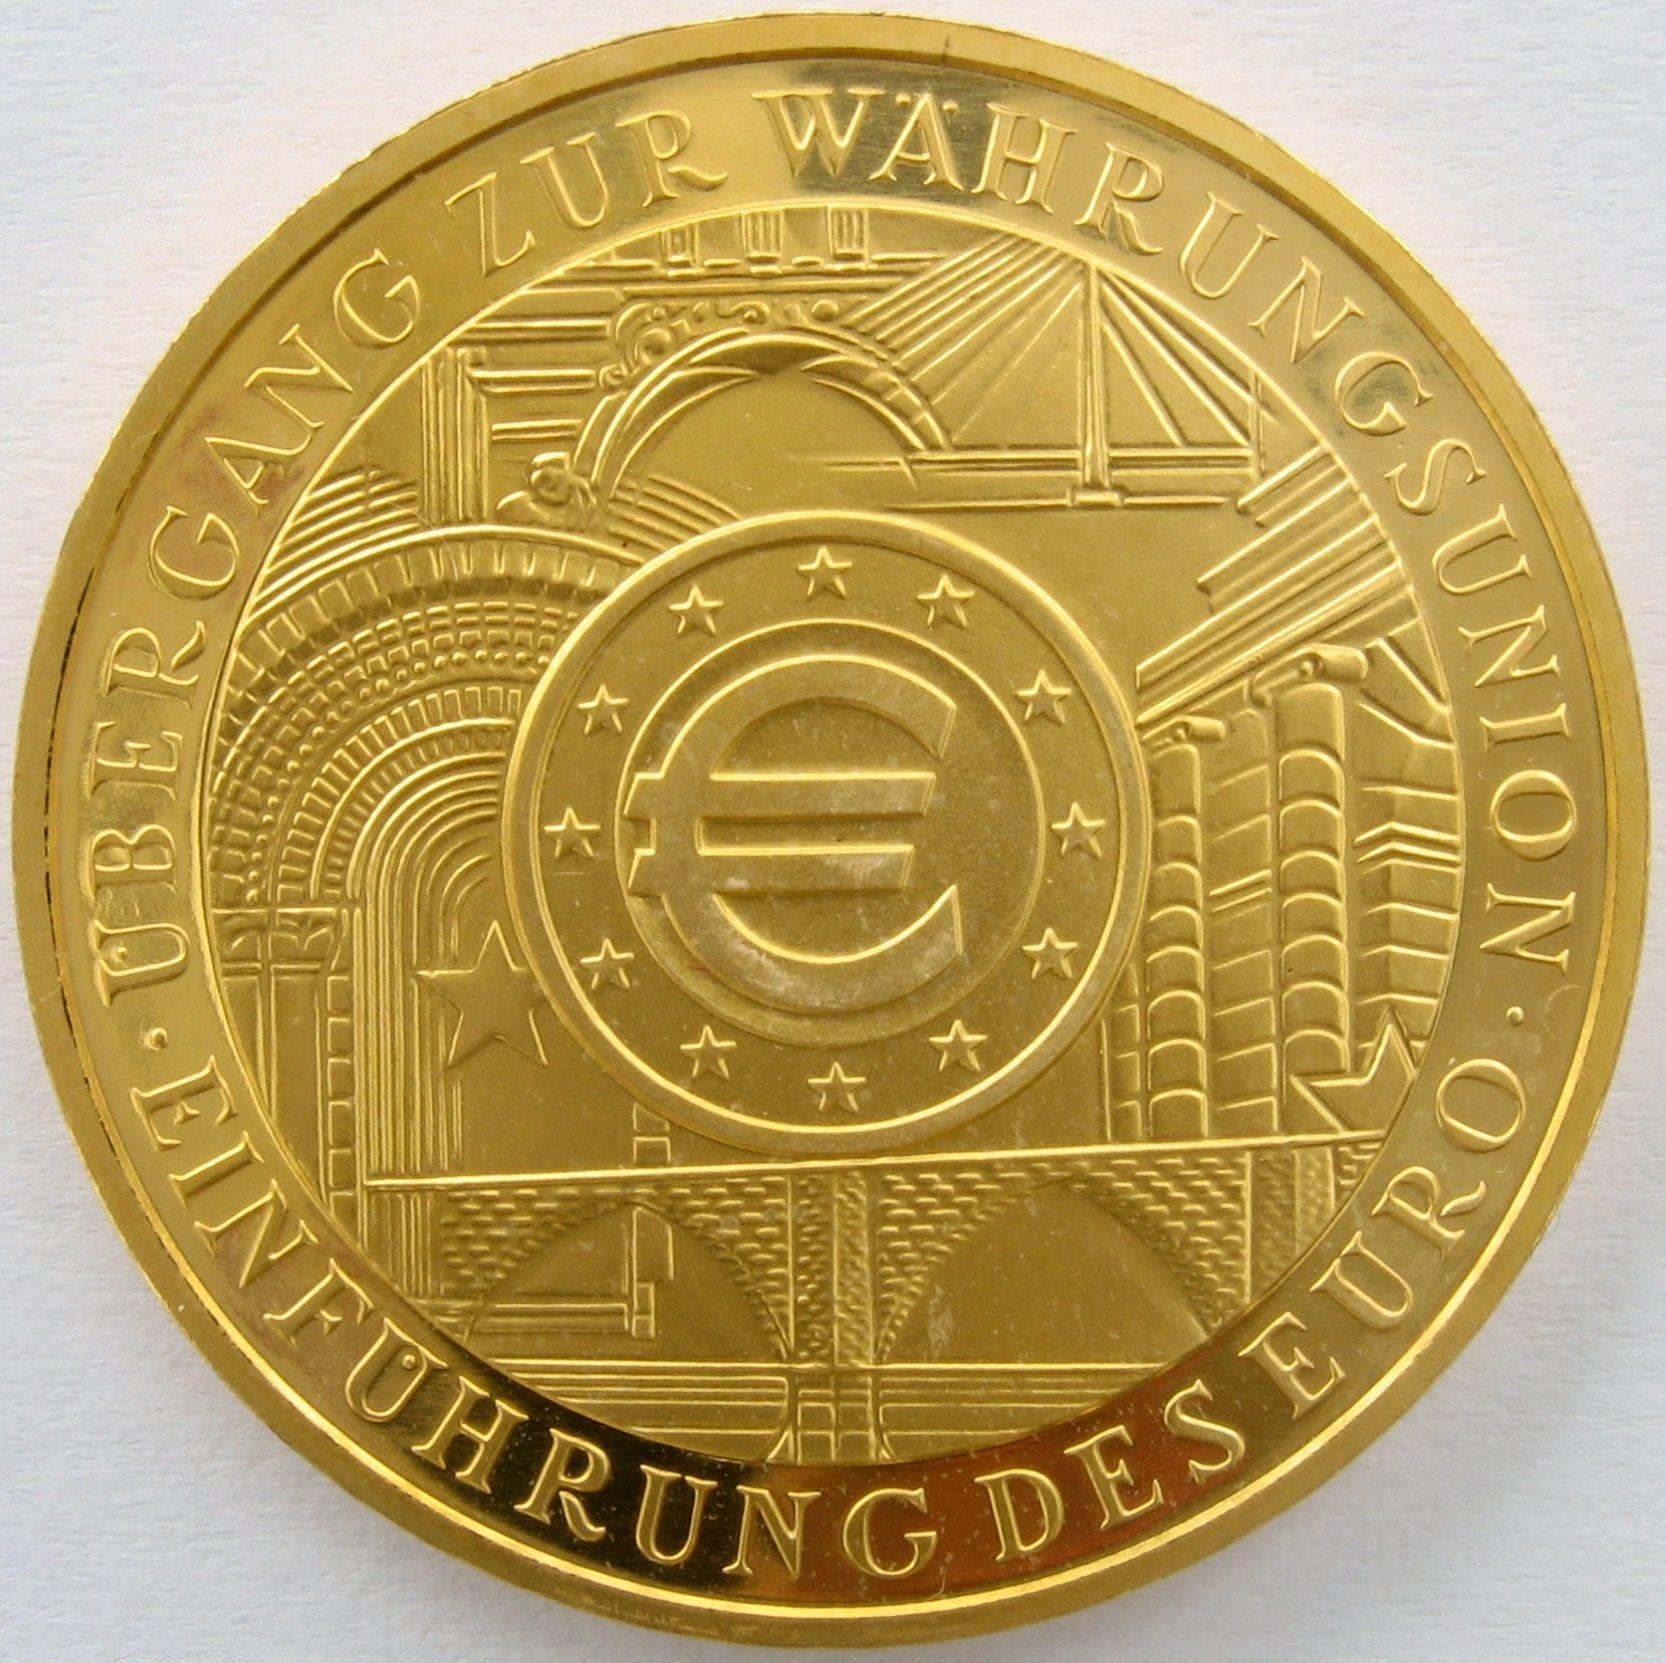 200 Euro  (999 / 24kt.) 31,10 Gr. <br>Quelle und copyright:Wikipedia 2011